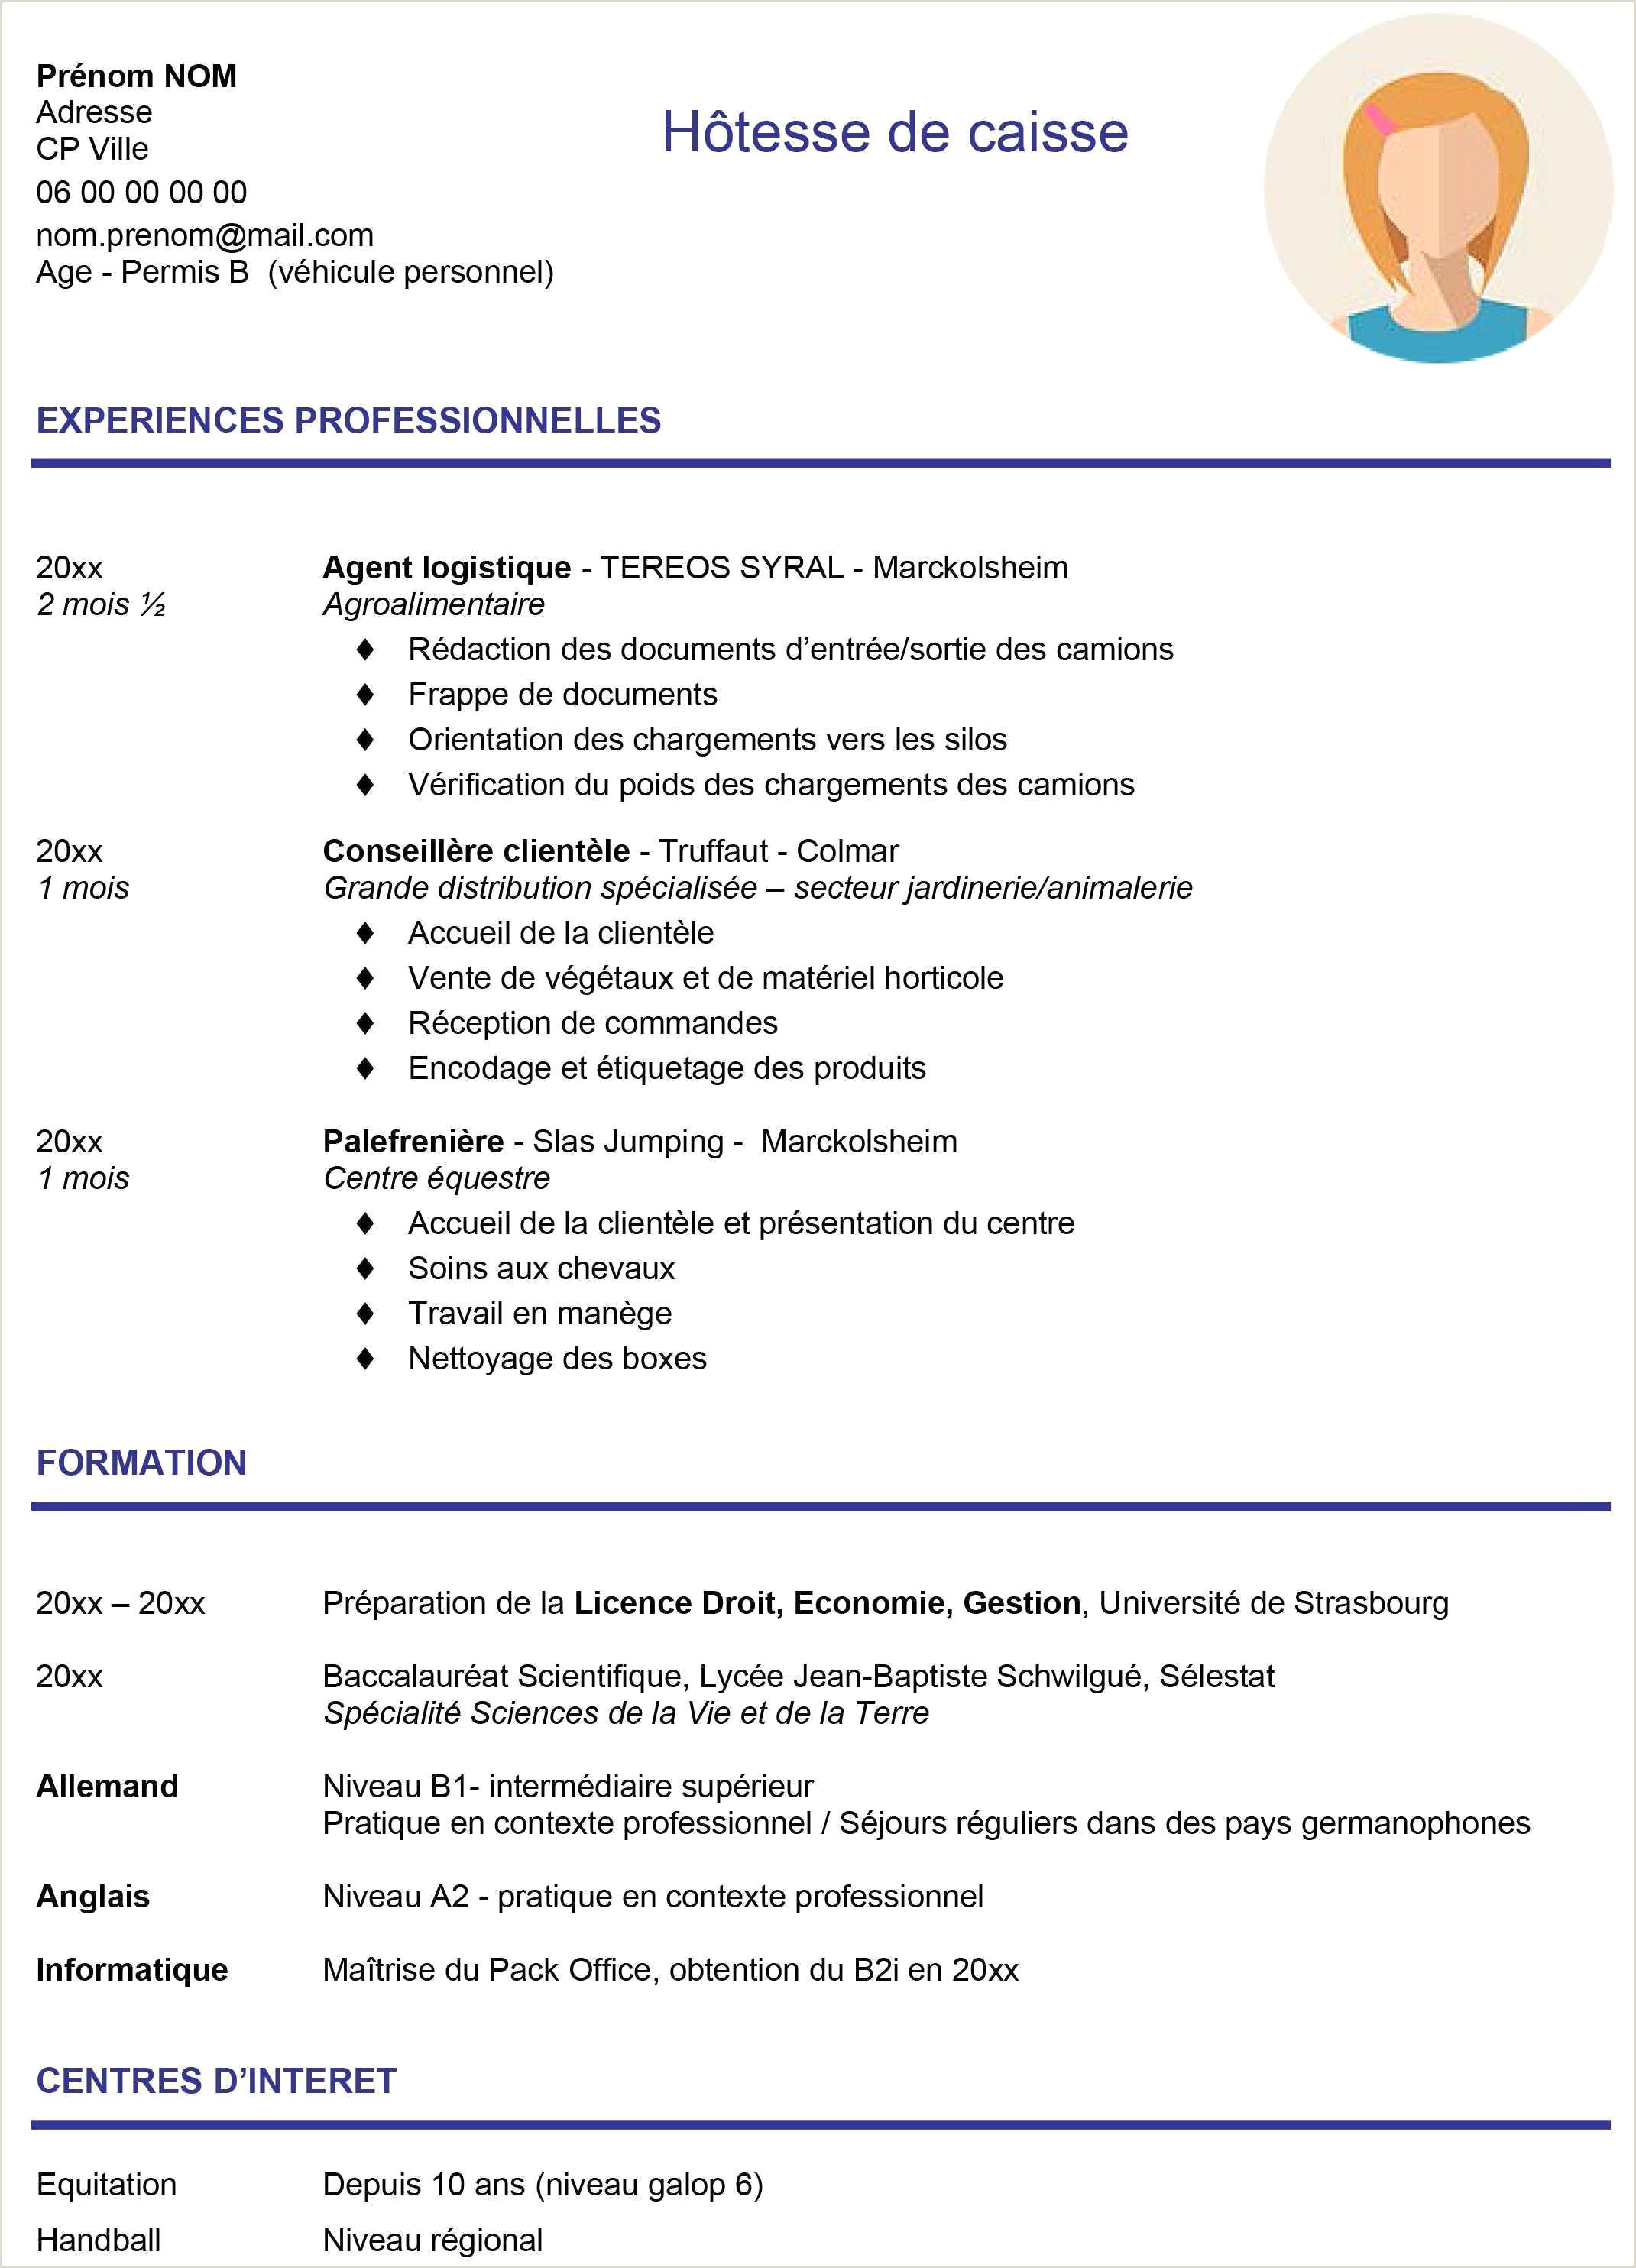 Exemple De Cv Pour Adolescent Cv Pour Job Etudiant Génial Modele Cv Etudiant Informatique